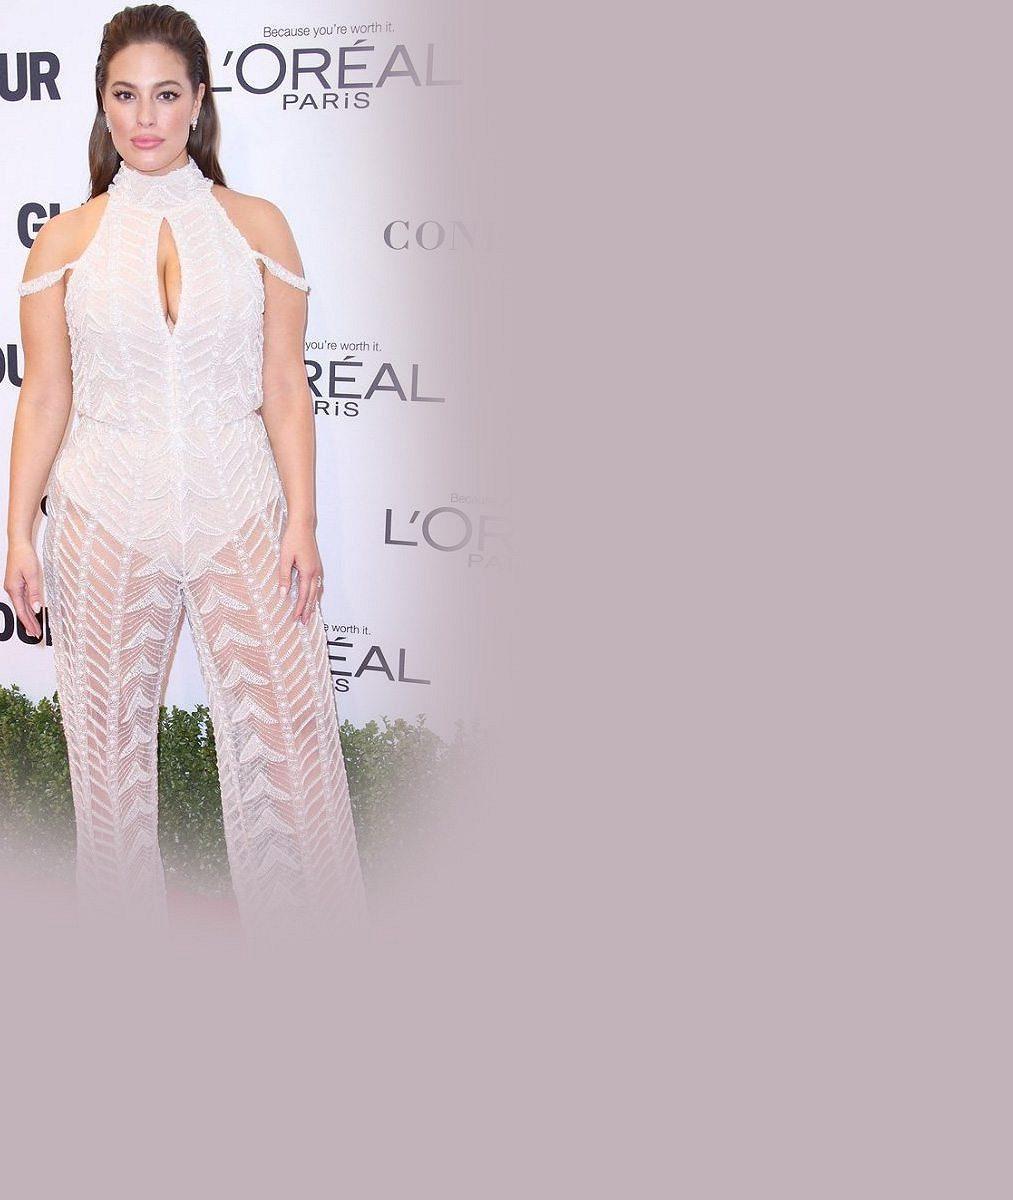 Plnoštíhlá modelka oblékla průsvitný overal: Známý zpěvák vedle ní vypadal jako drobek